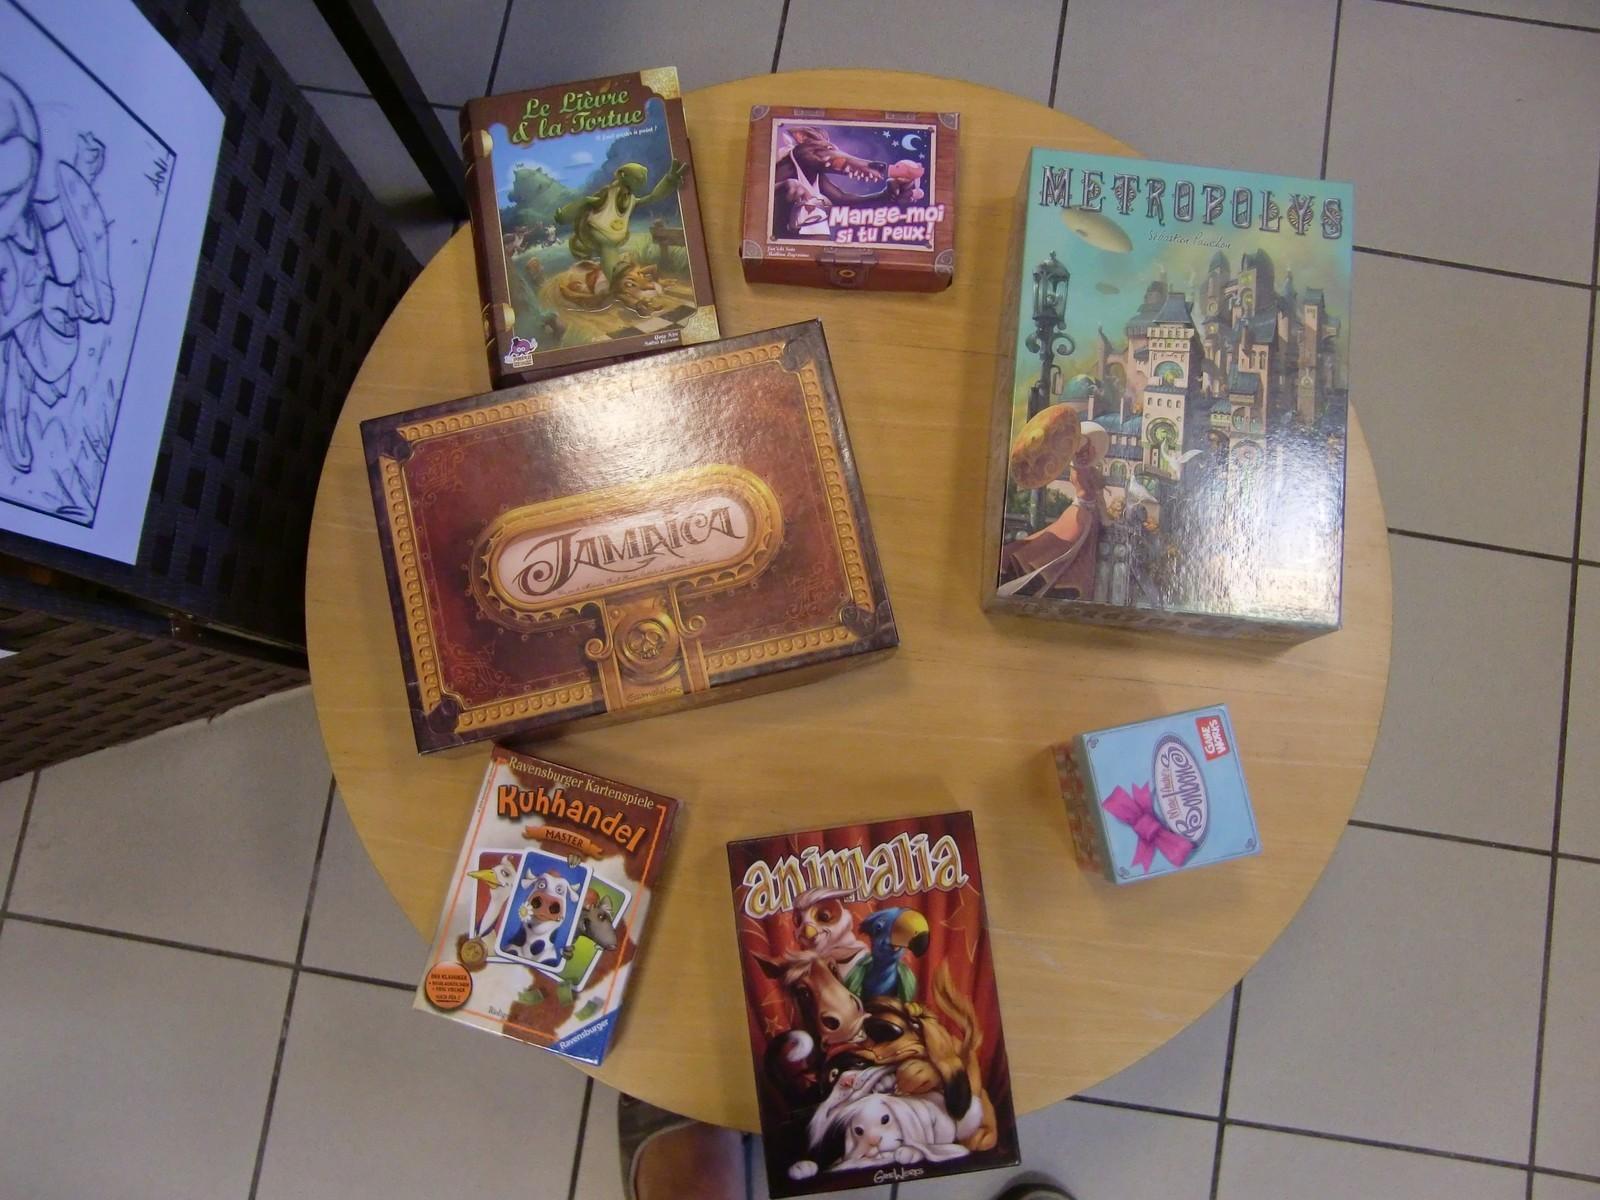 quelques-uns des jeux illustrés par Mathieu Leyssenne